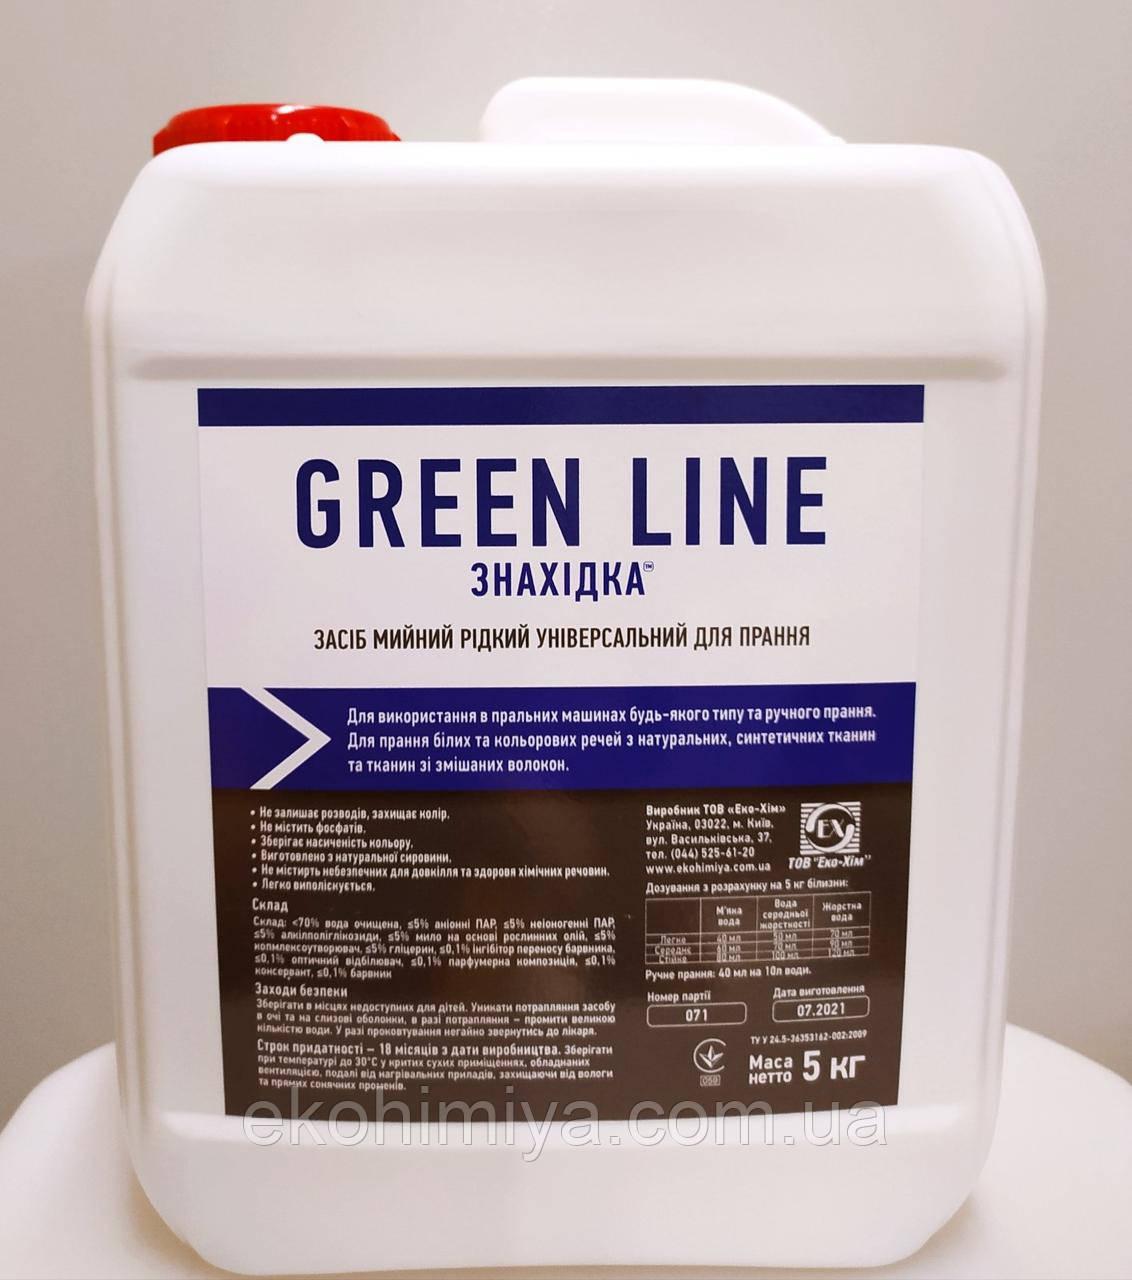 Бесфосфатный жидкий гель для стирки GREEN LINE ЗНАХИДКА